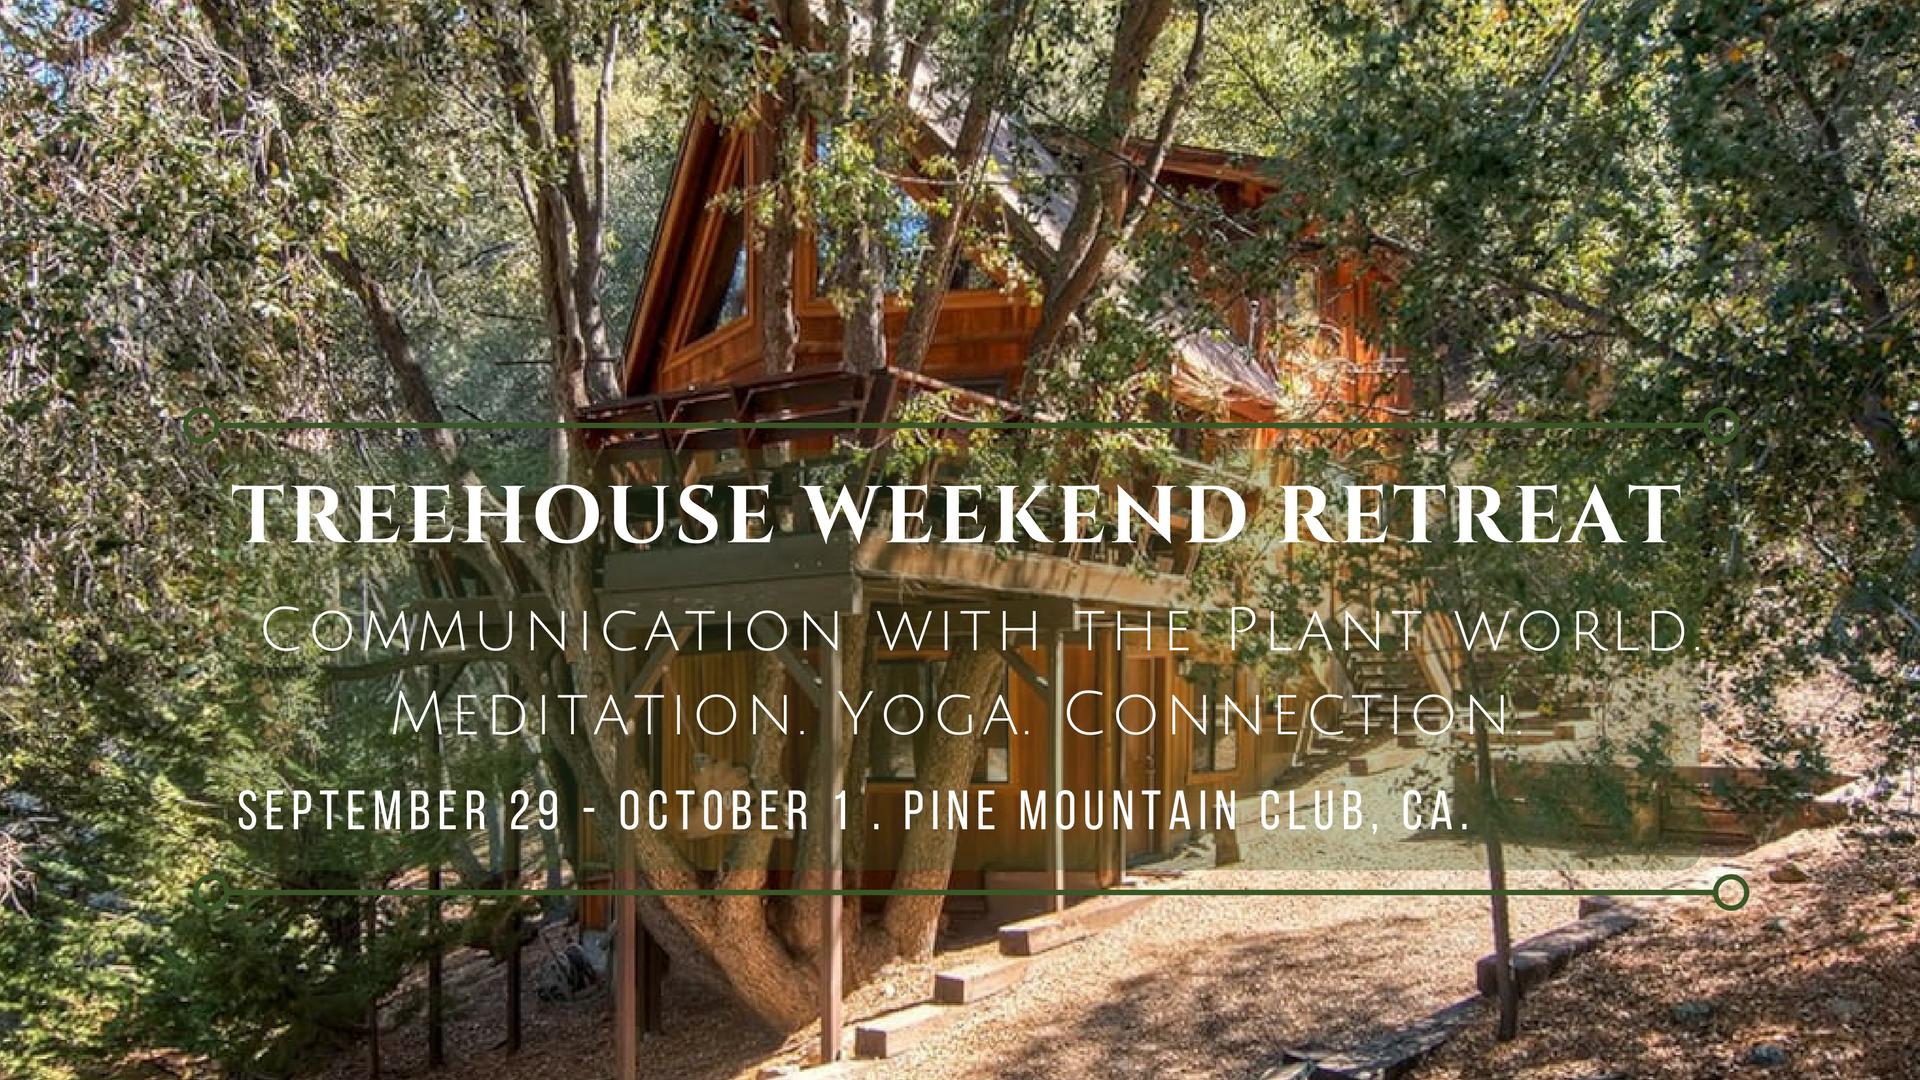 Treehouse Weekend Retreat